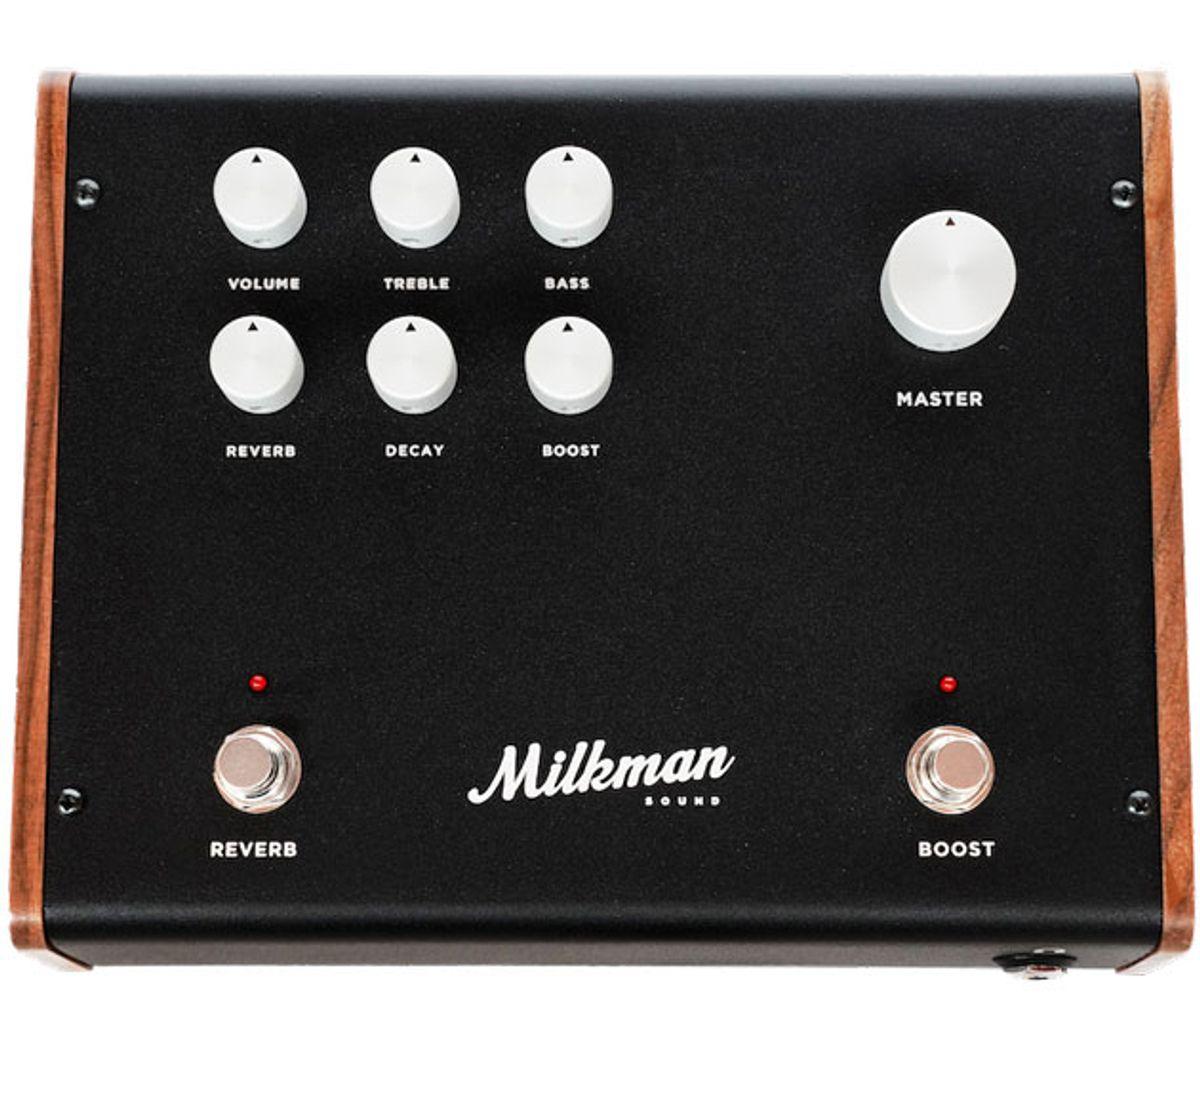 Milkman Sound Announces the Amp 100